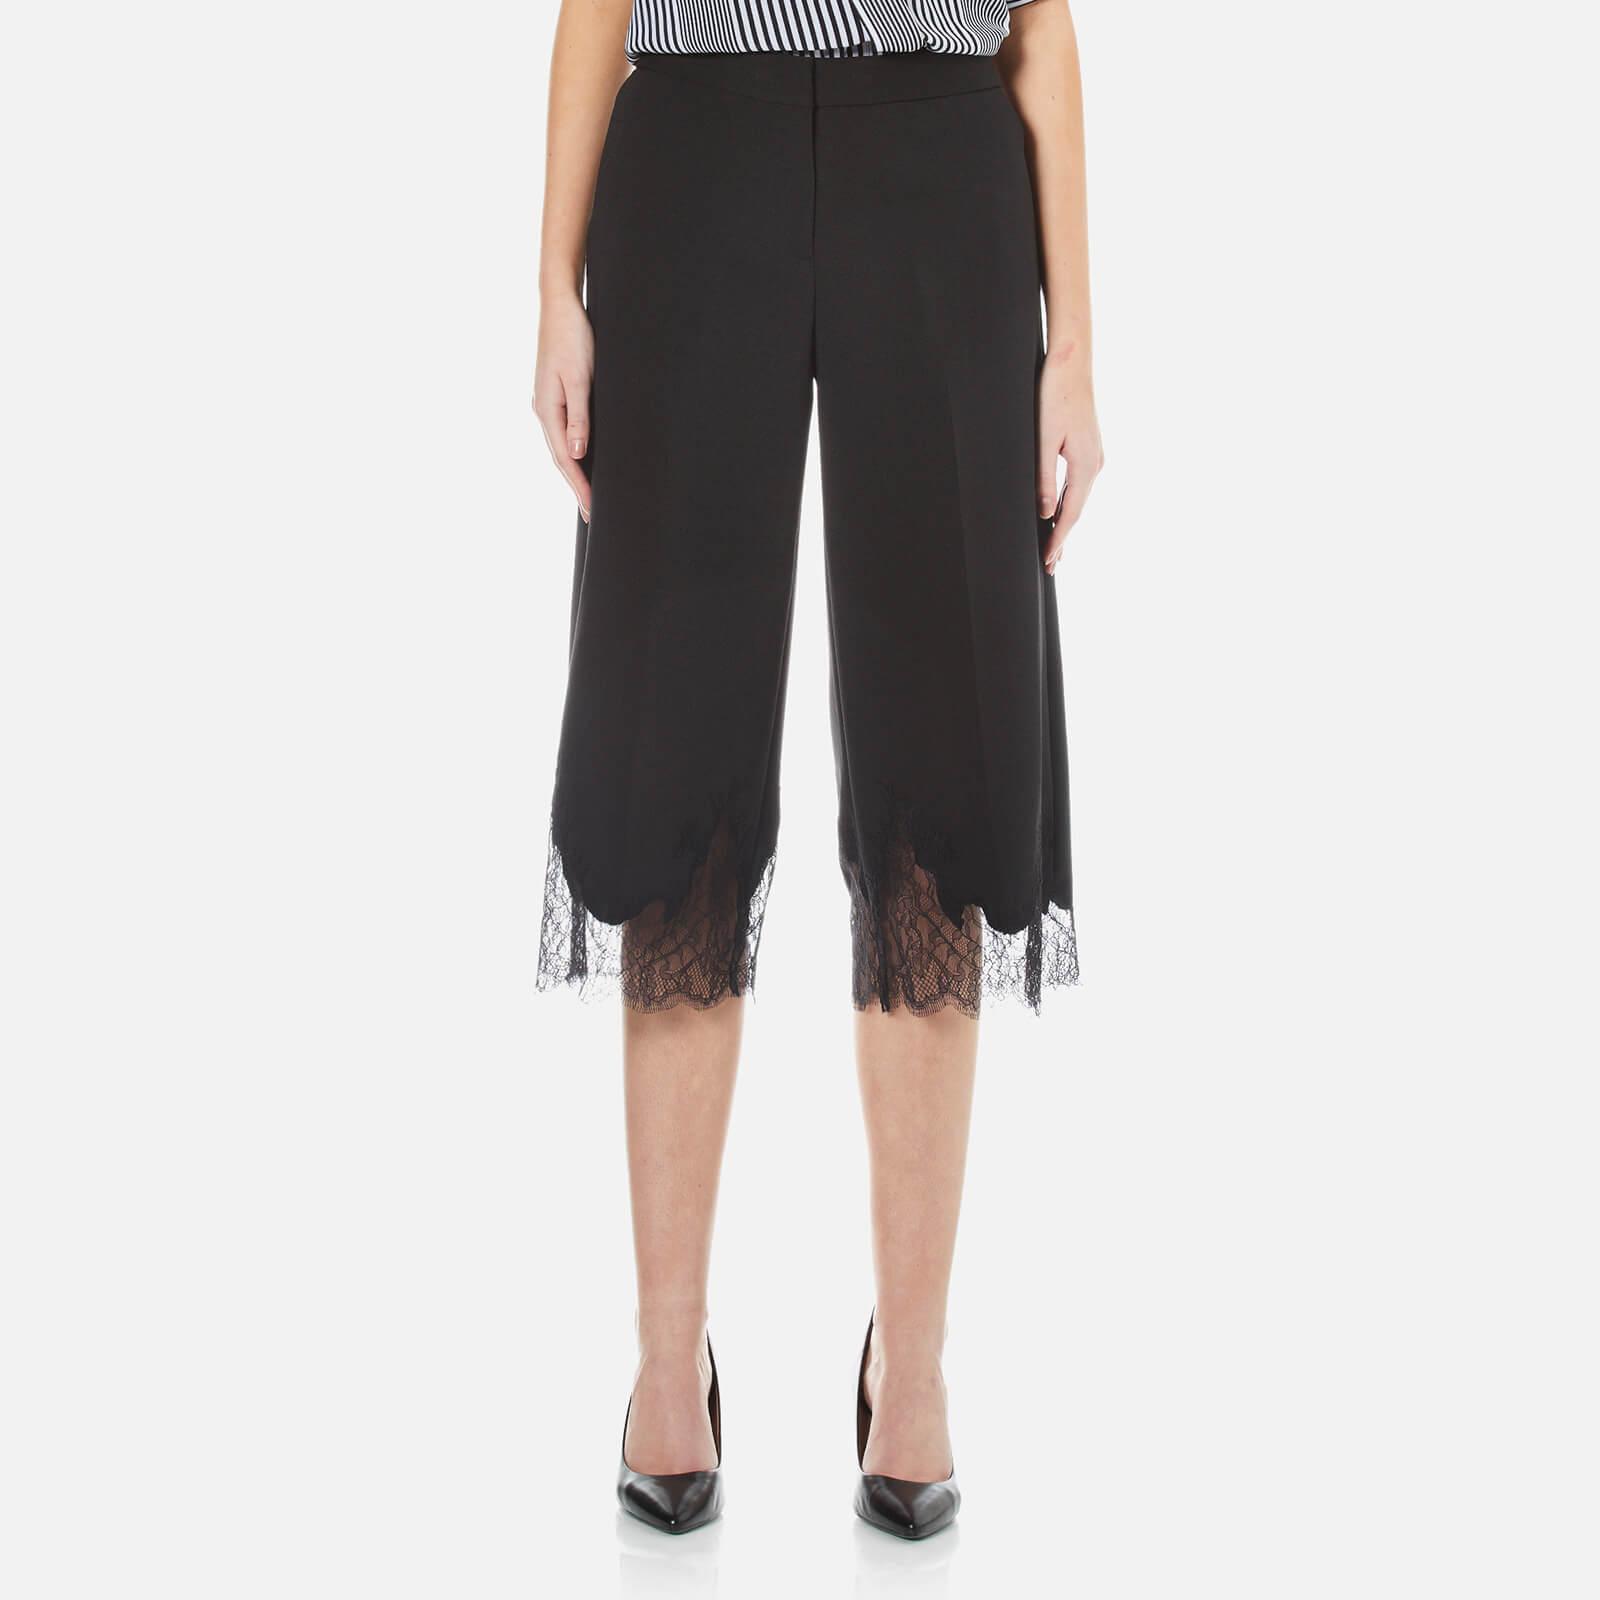 c4d7466e31ba MICHAEL MICHAEL KORS Women s Lace Combo Gaucho Trousers - Black ...